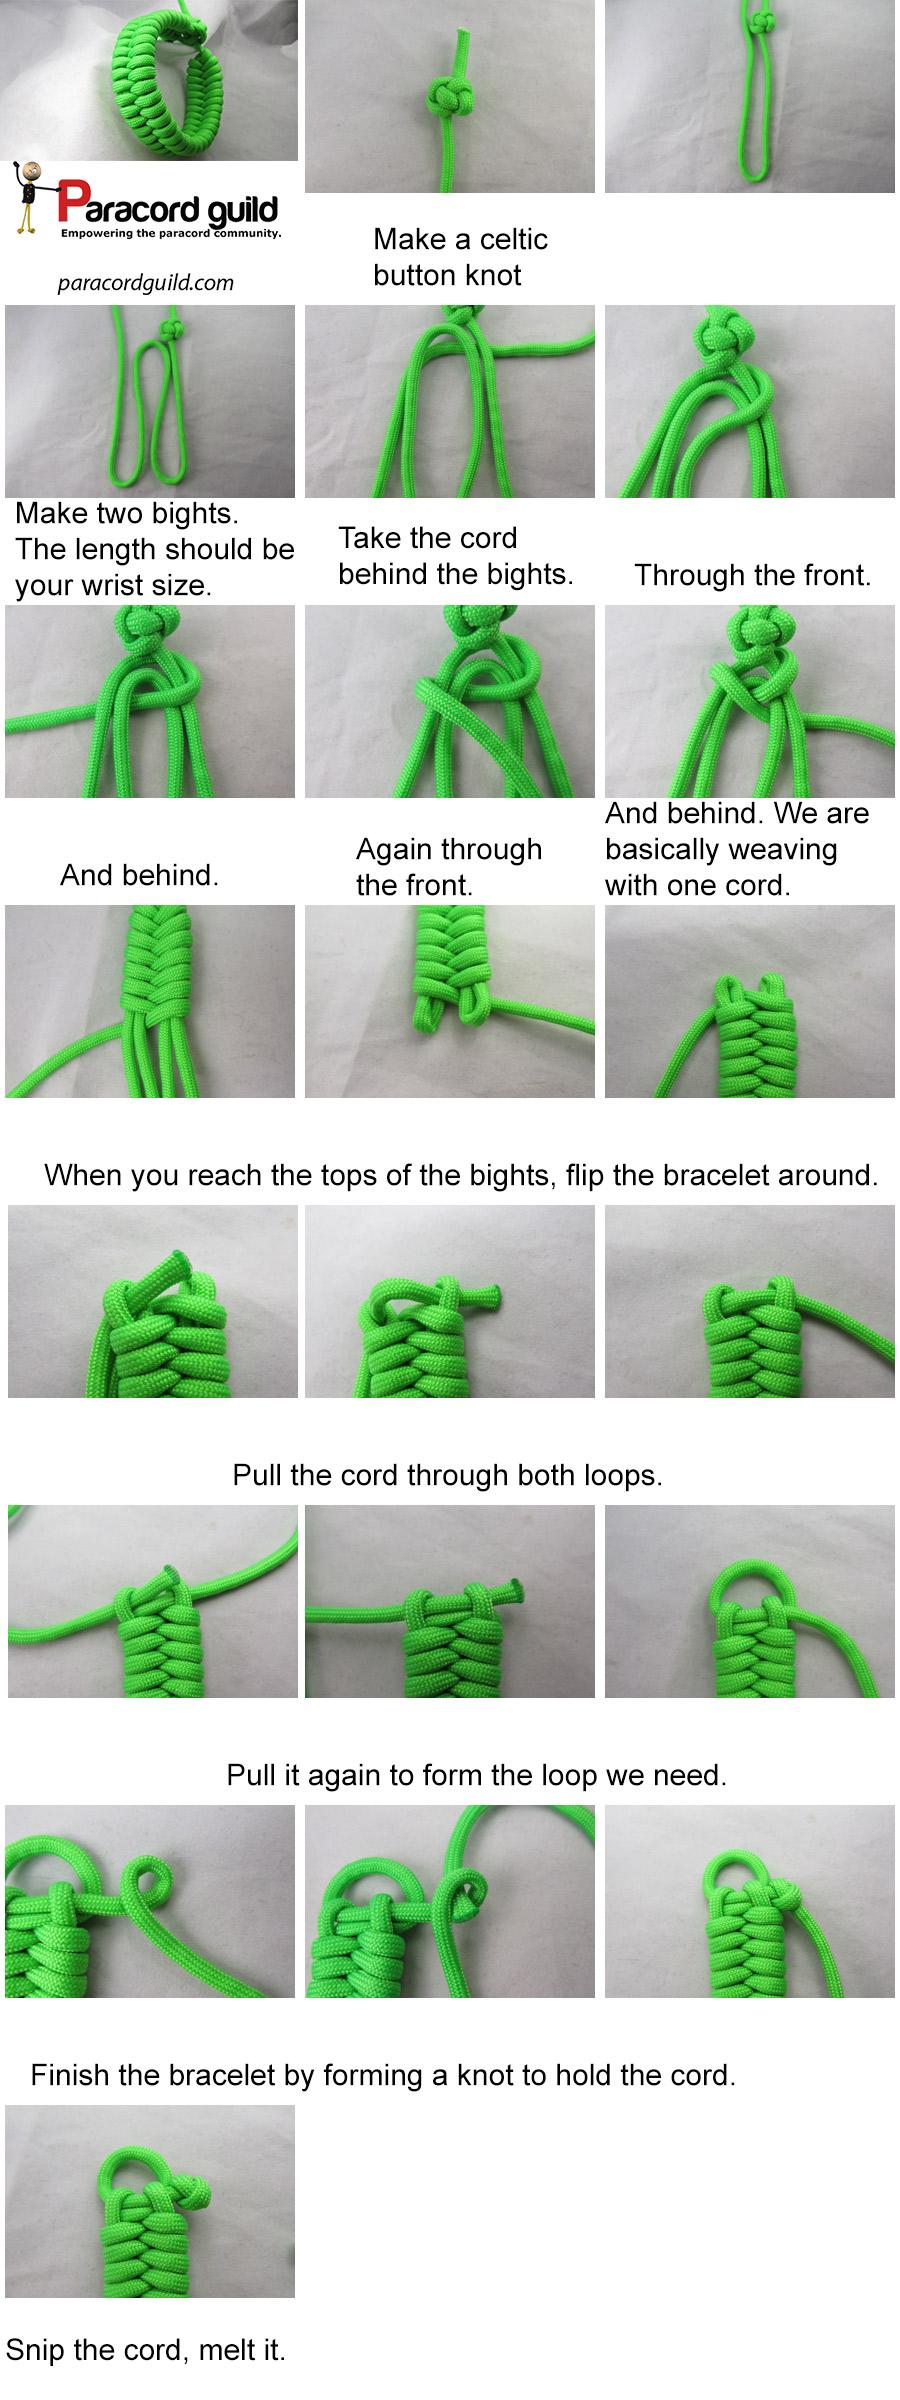 quick deploy fishtail paracord bracelet tutorial